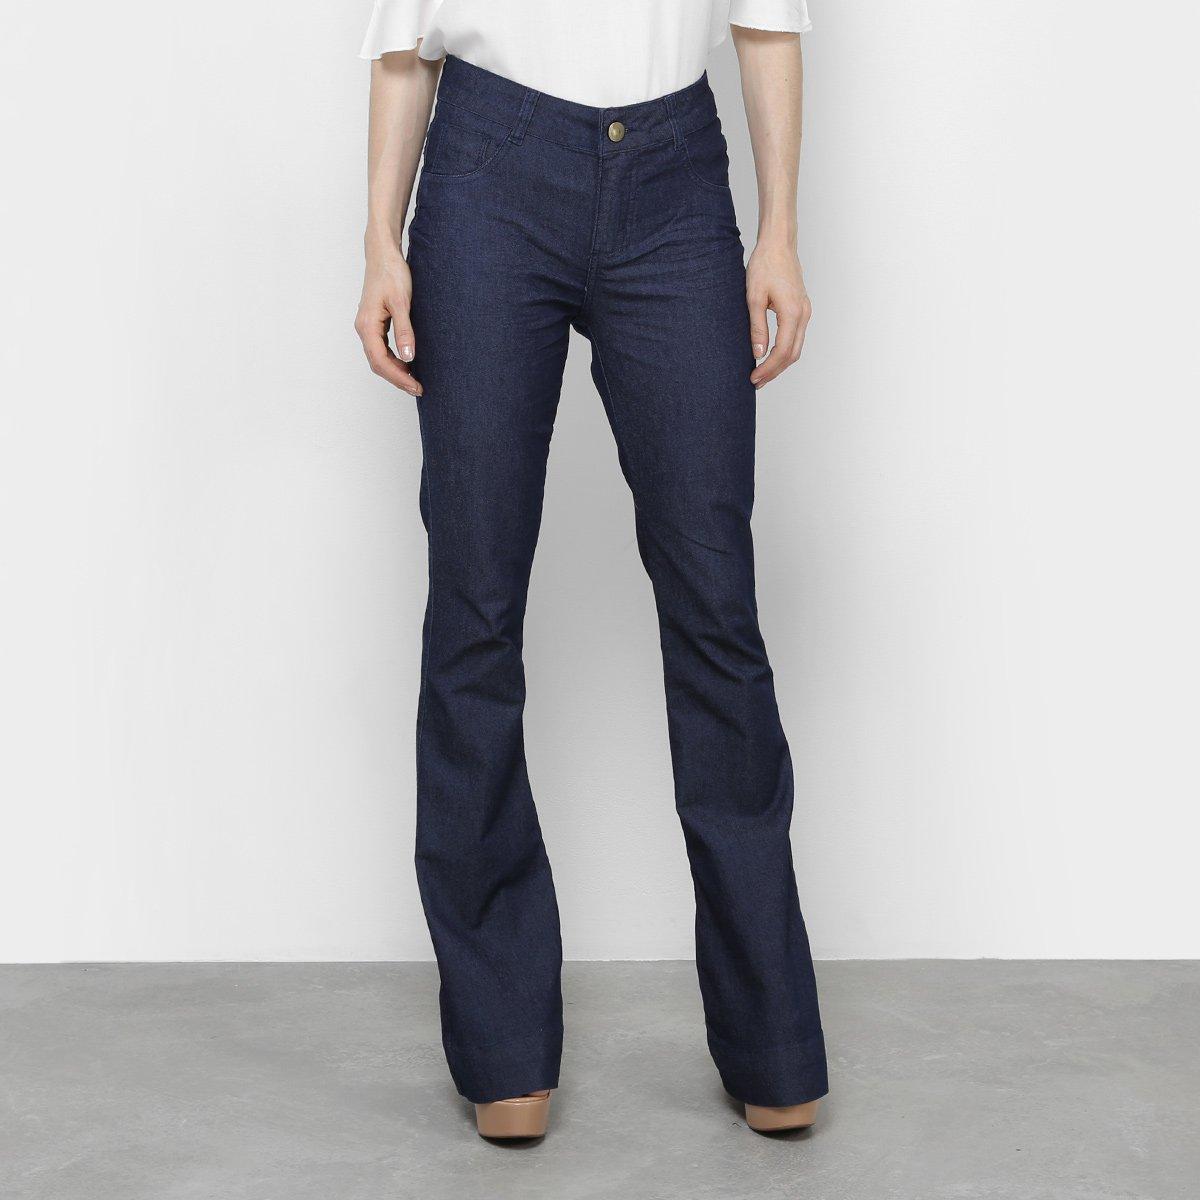 Calça Jeans Flare Coffee Amarração Cintura Média Feminina - Jeans ... 1d6e6b0fc58